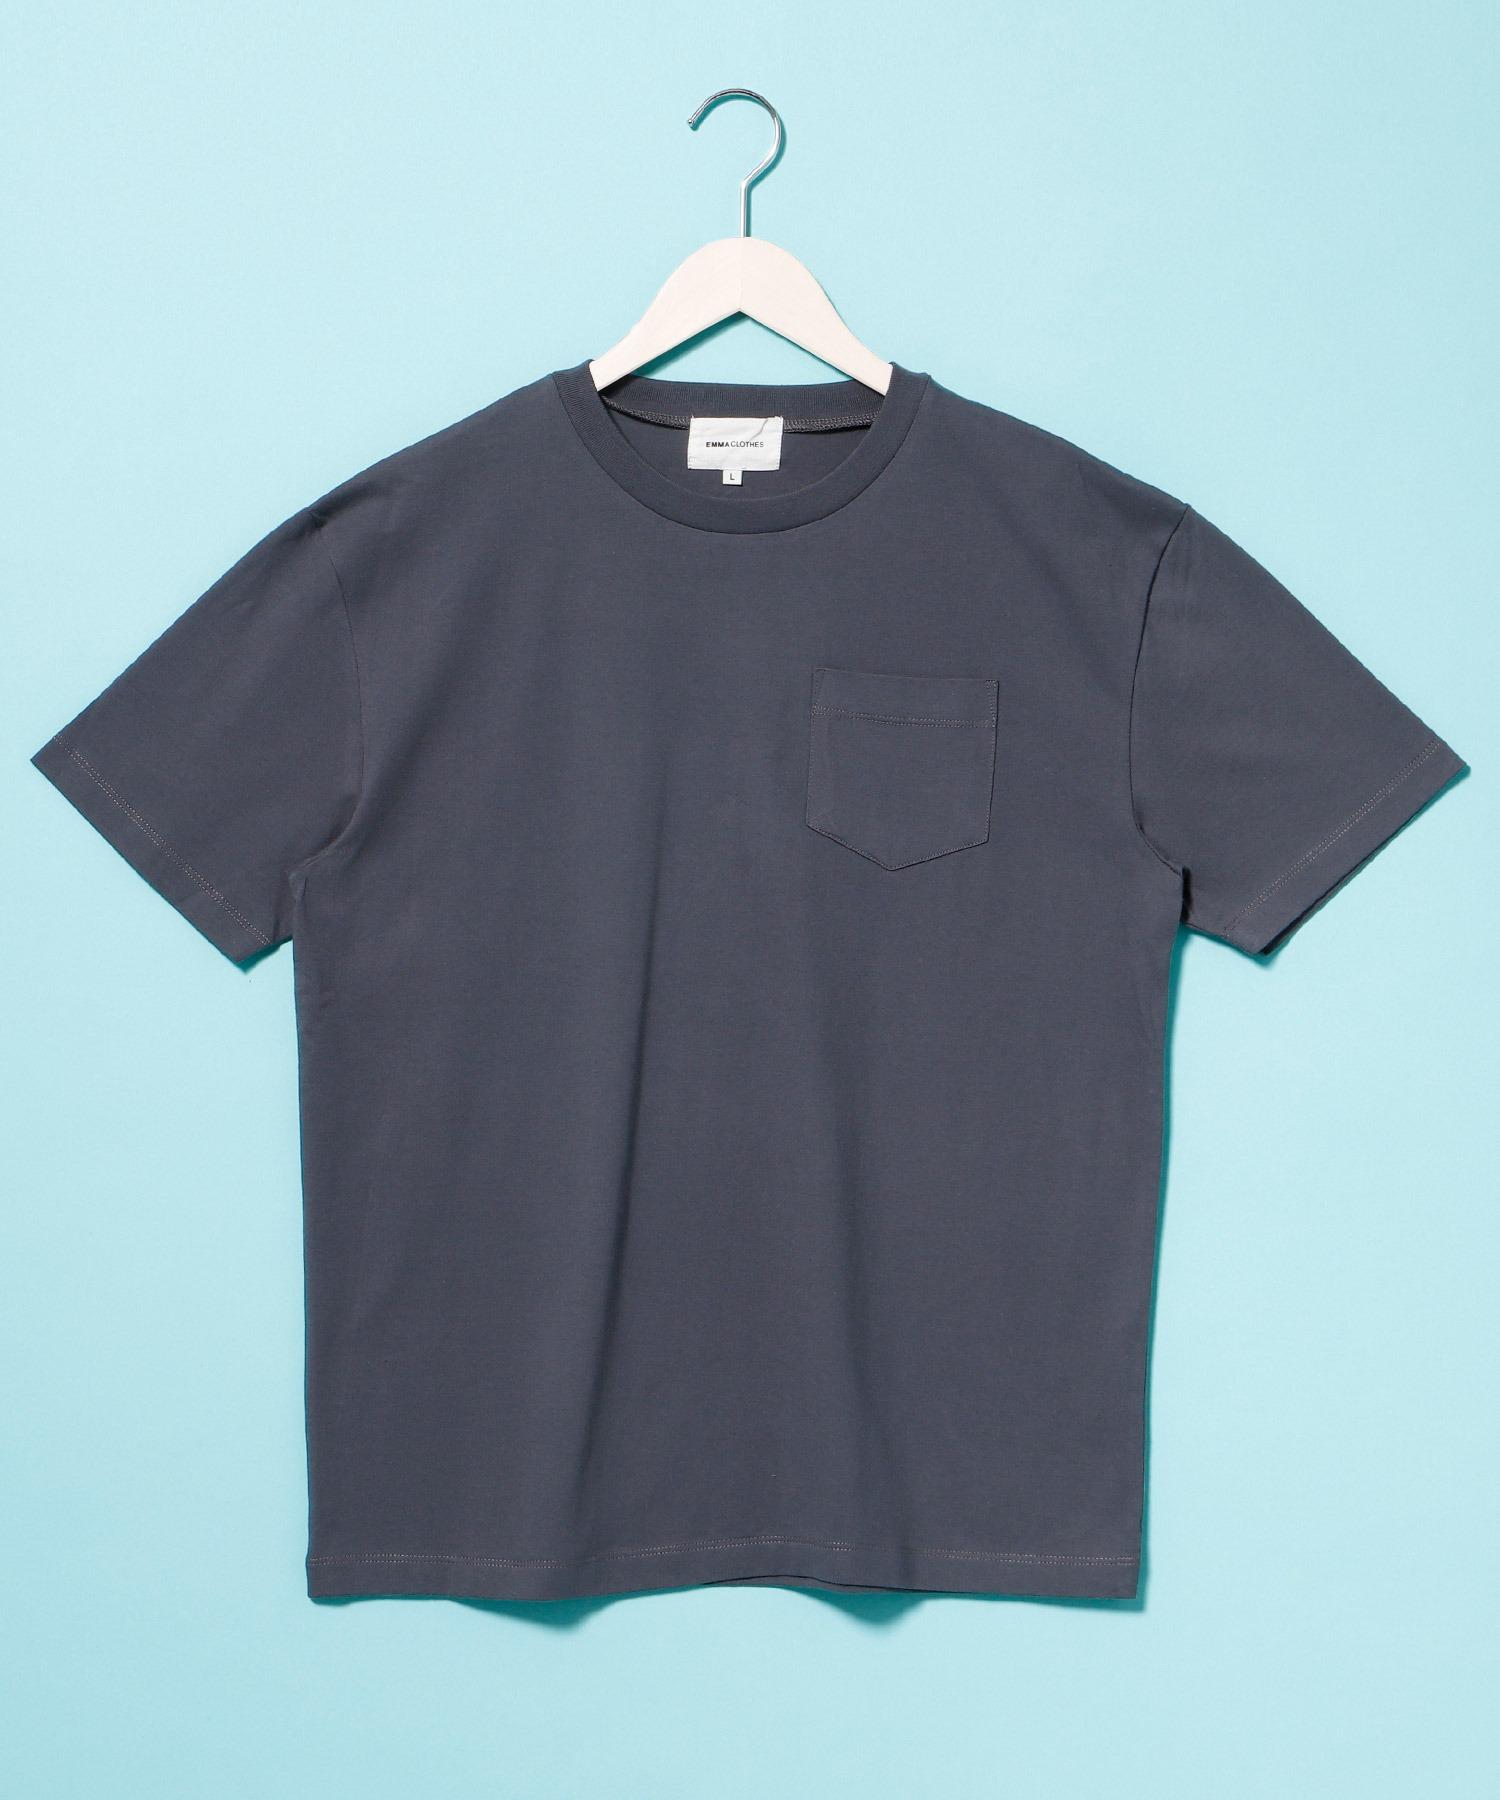 コーマビッグシルエットポケットカットソー(1/2 sleeve)